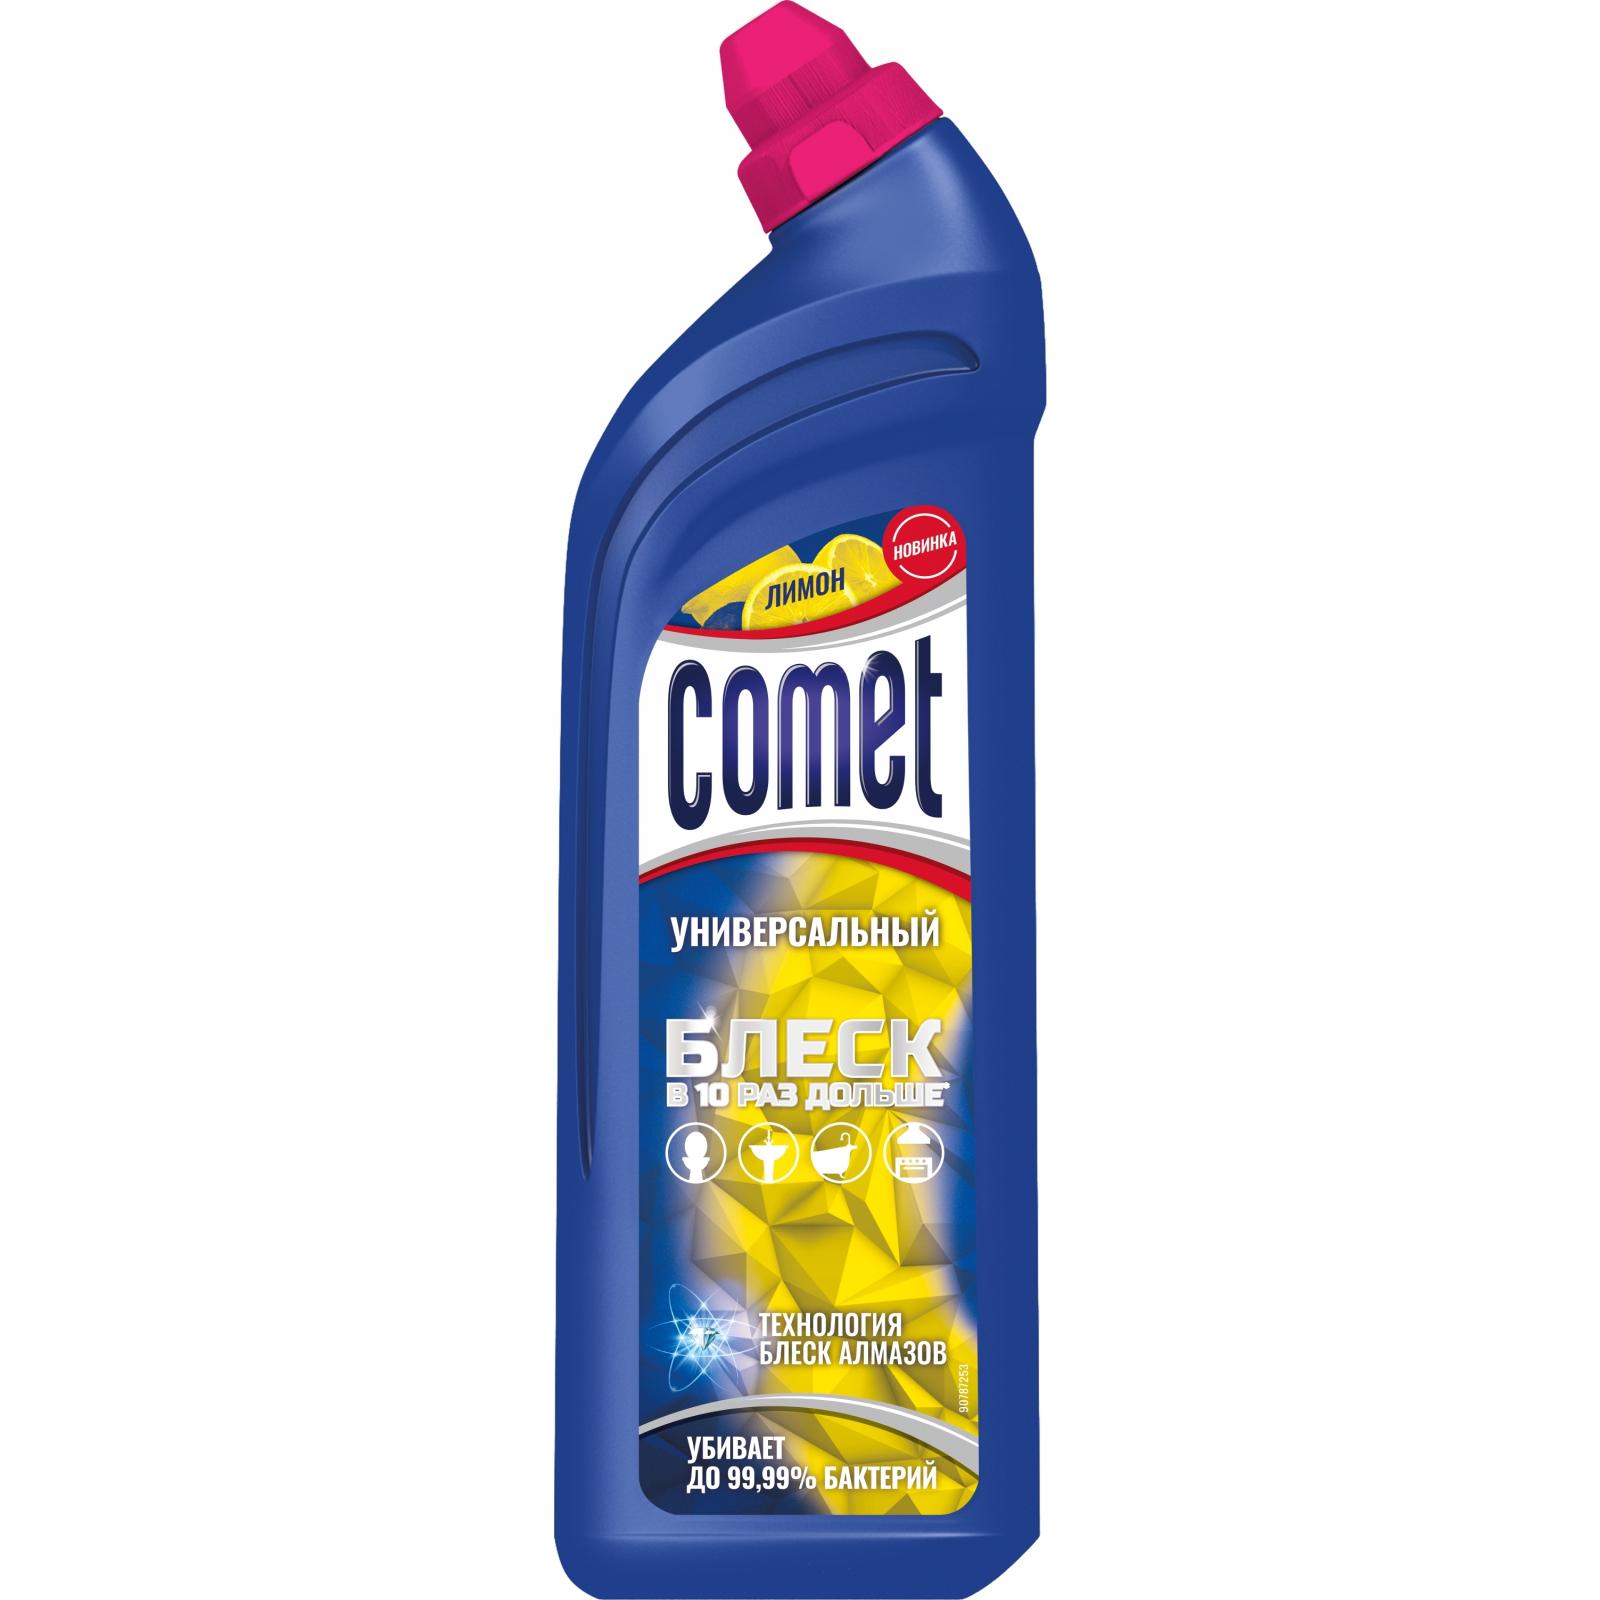 Чистящий гель Comet Лимон 850мл (8001480703551)